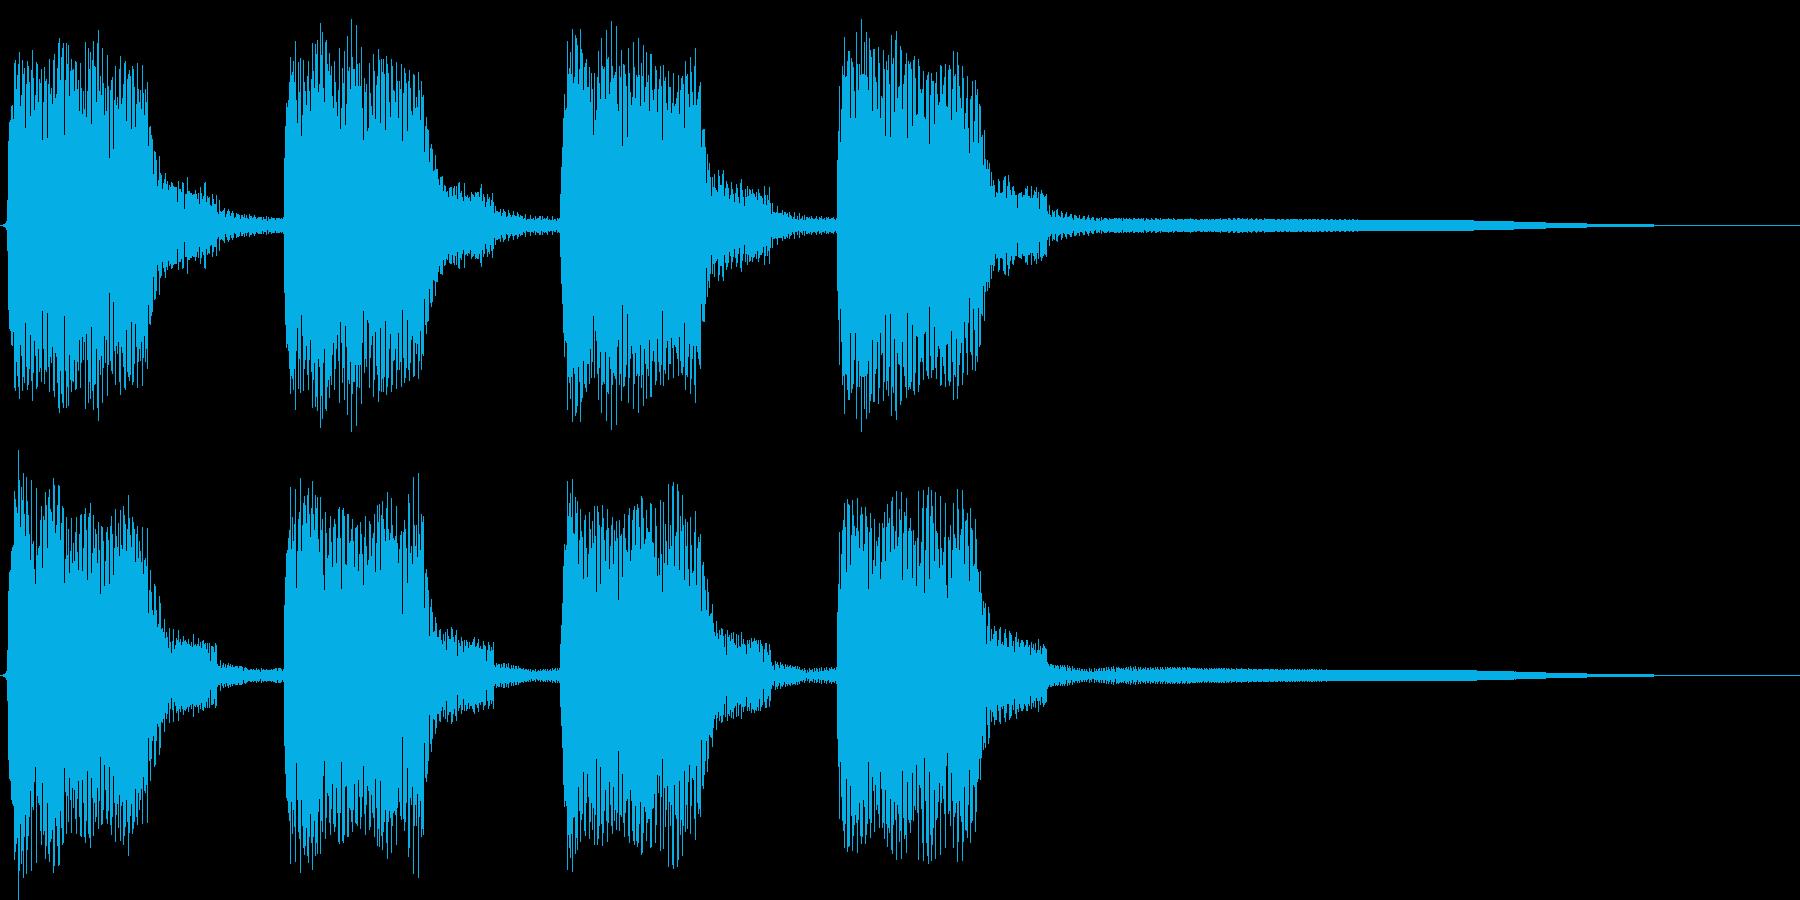 ビービー。緊急事態の警報音Cの再生済みの波形